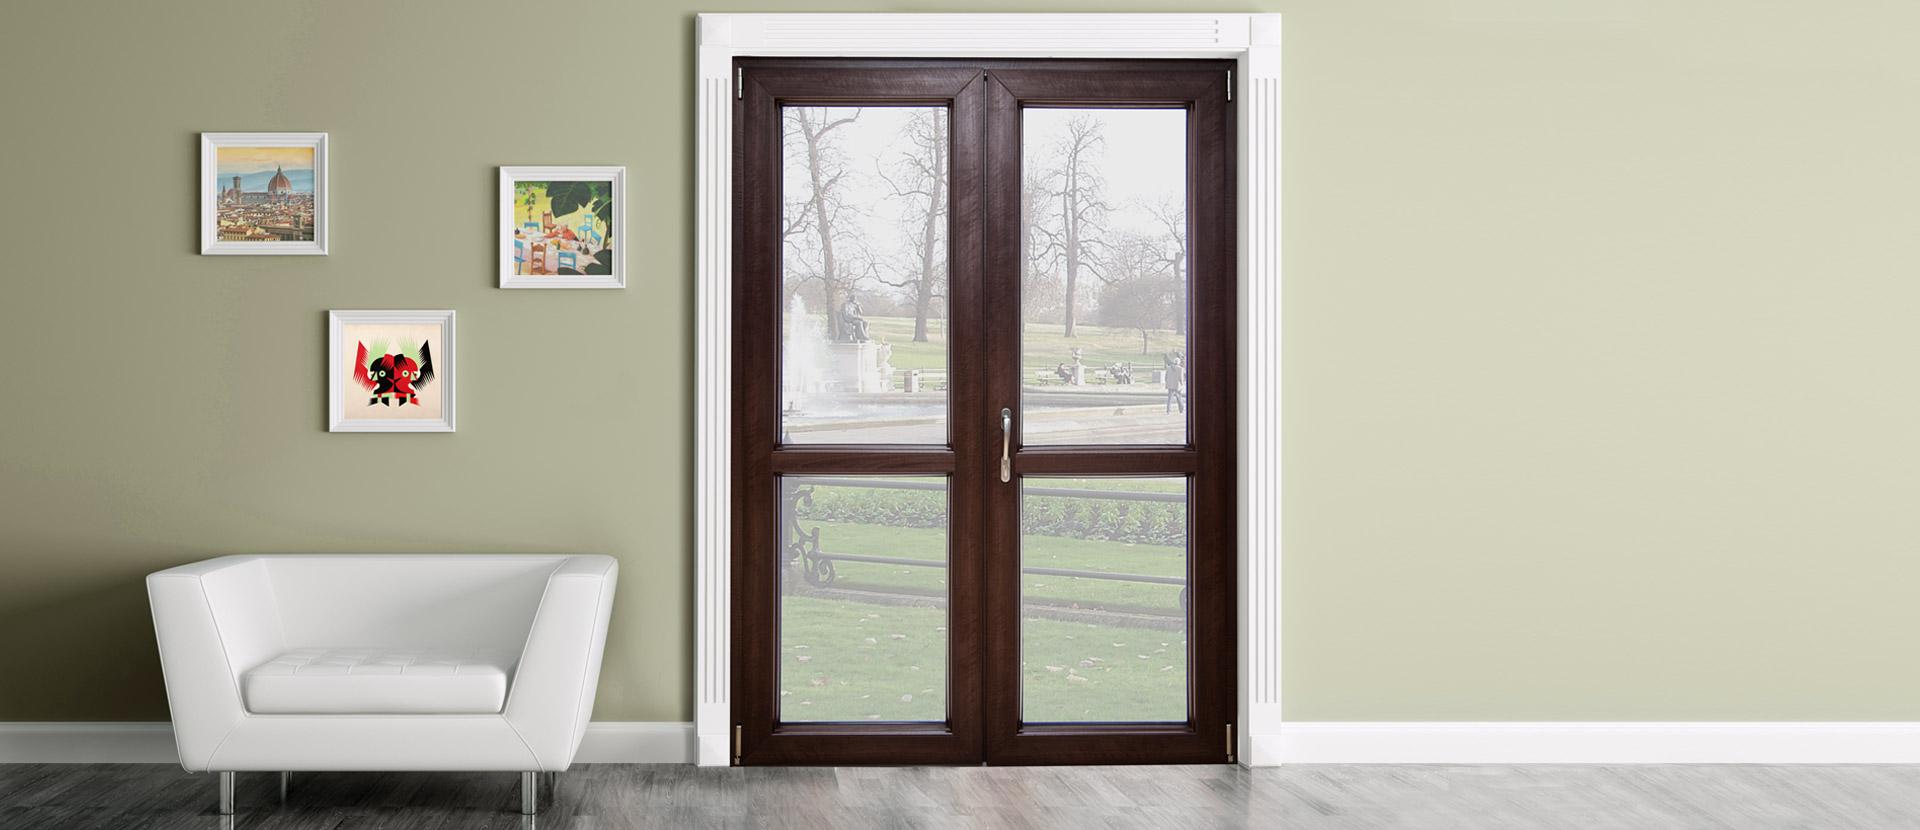 Porte balcone okna samoraj porte e finestre in pvc - Porta finestra misure ...